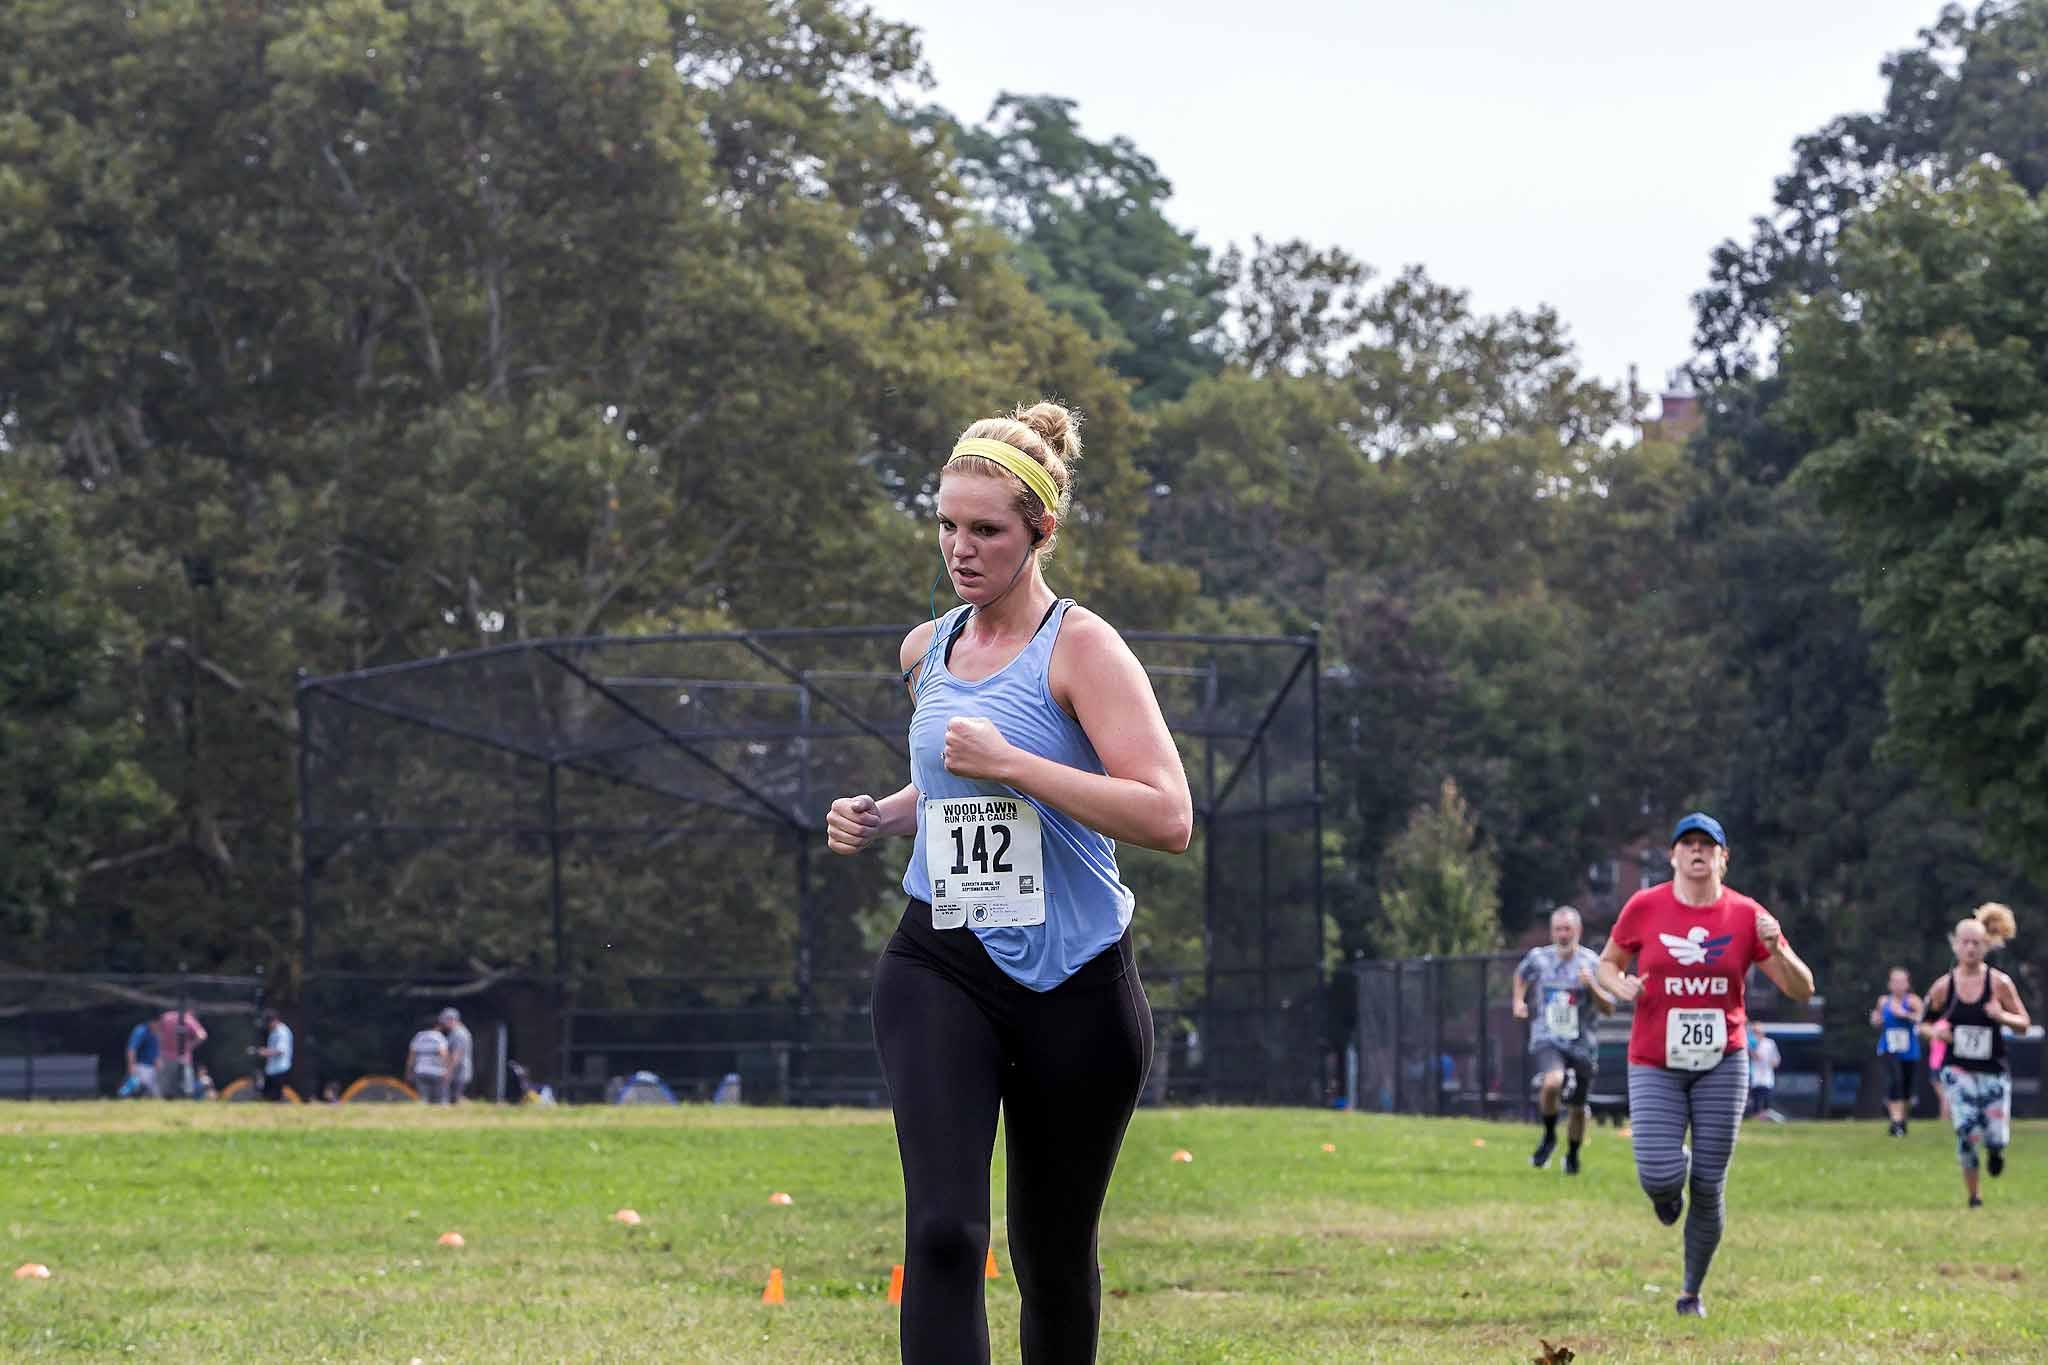 117-Woodlawn Run for a Cause-286.jpg